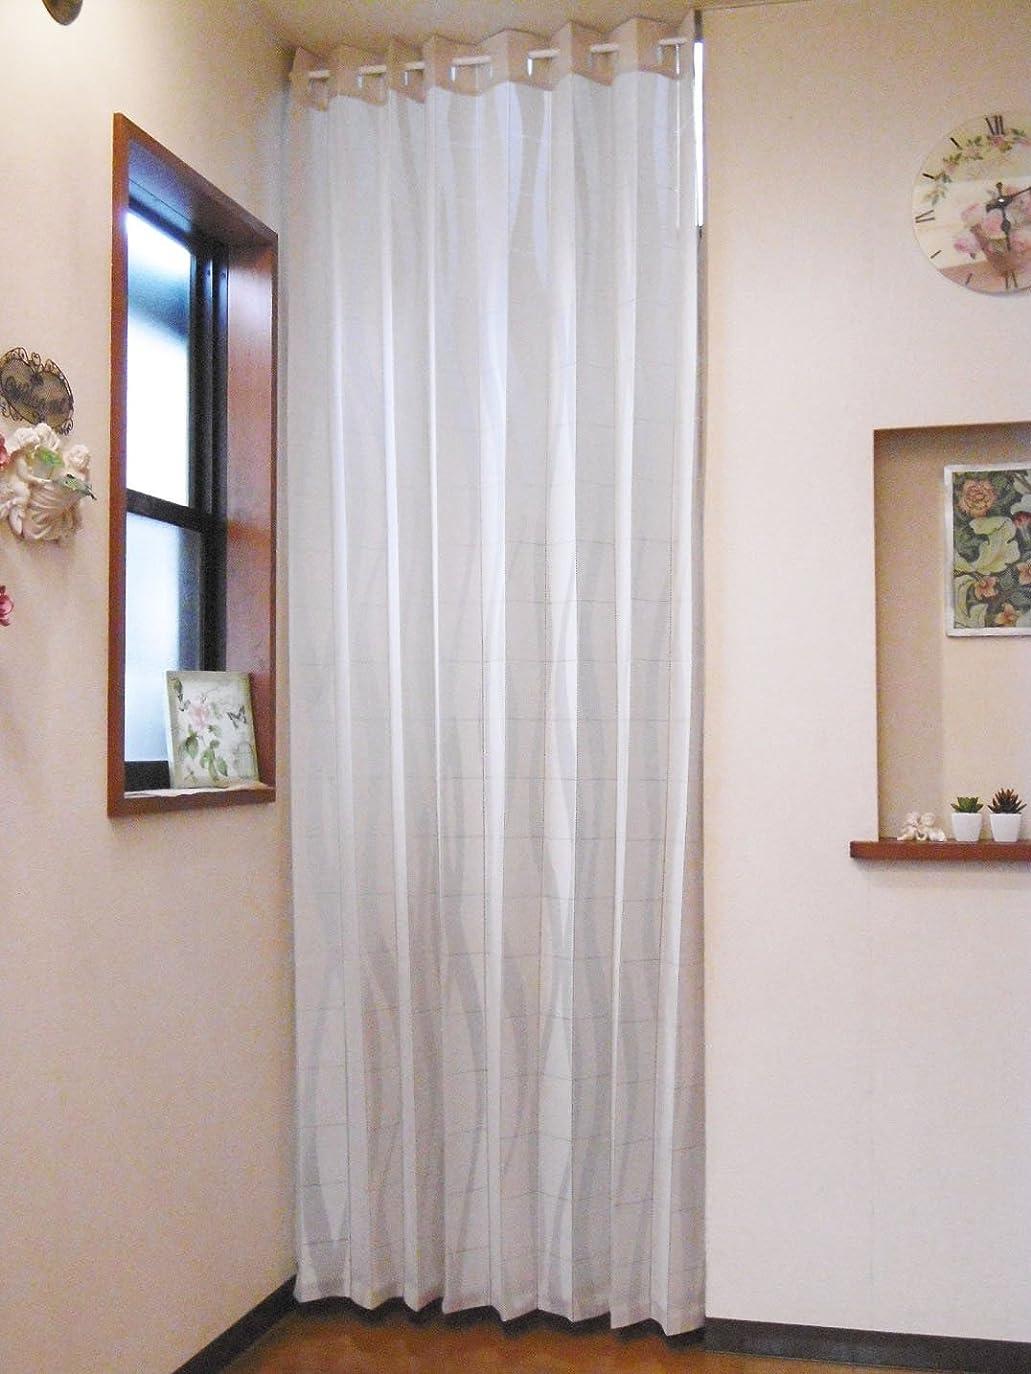 州余剰オペラ遮光 のれん 暖簾 部屋間仕切り 夏 花 葉 室内インテリア 開運のれん、洗濯可 突っ張り棒付き 幅86cm×丈143cm